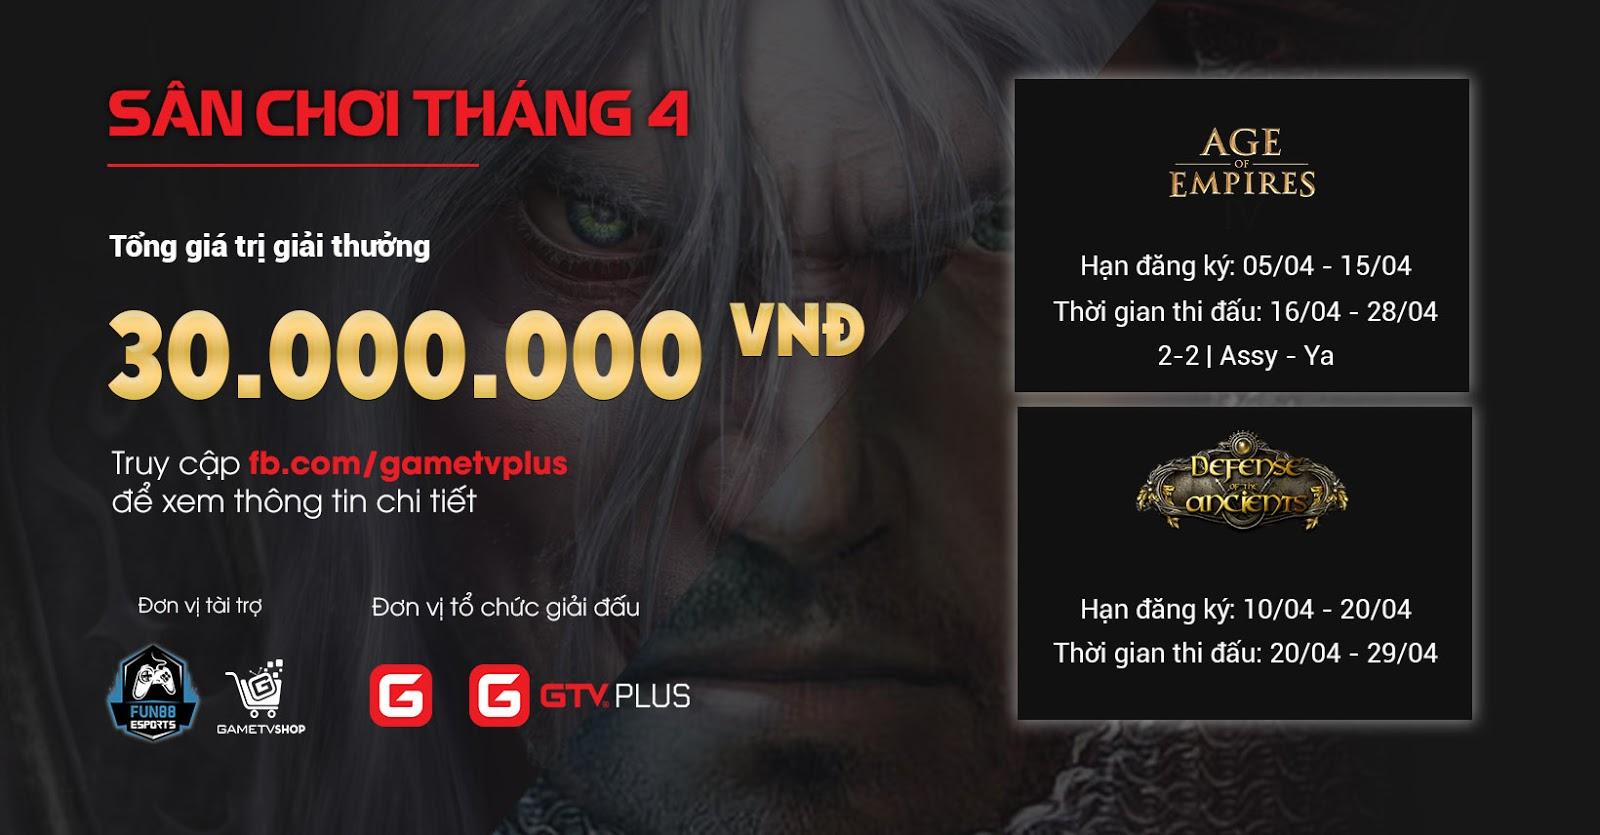 Dota 1 GameTV Plus khởi tranh, chính thức mở đăng kí